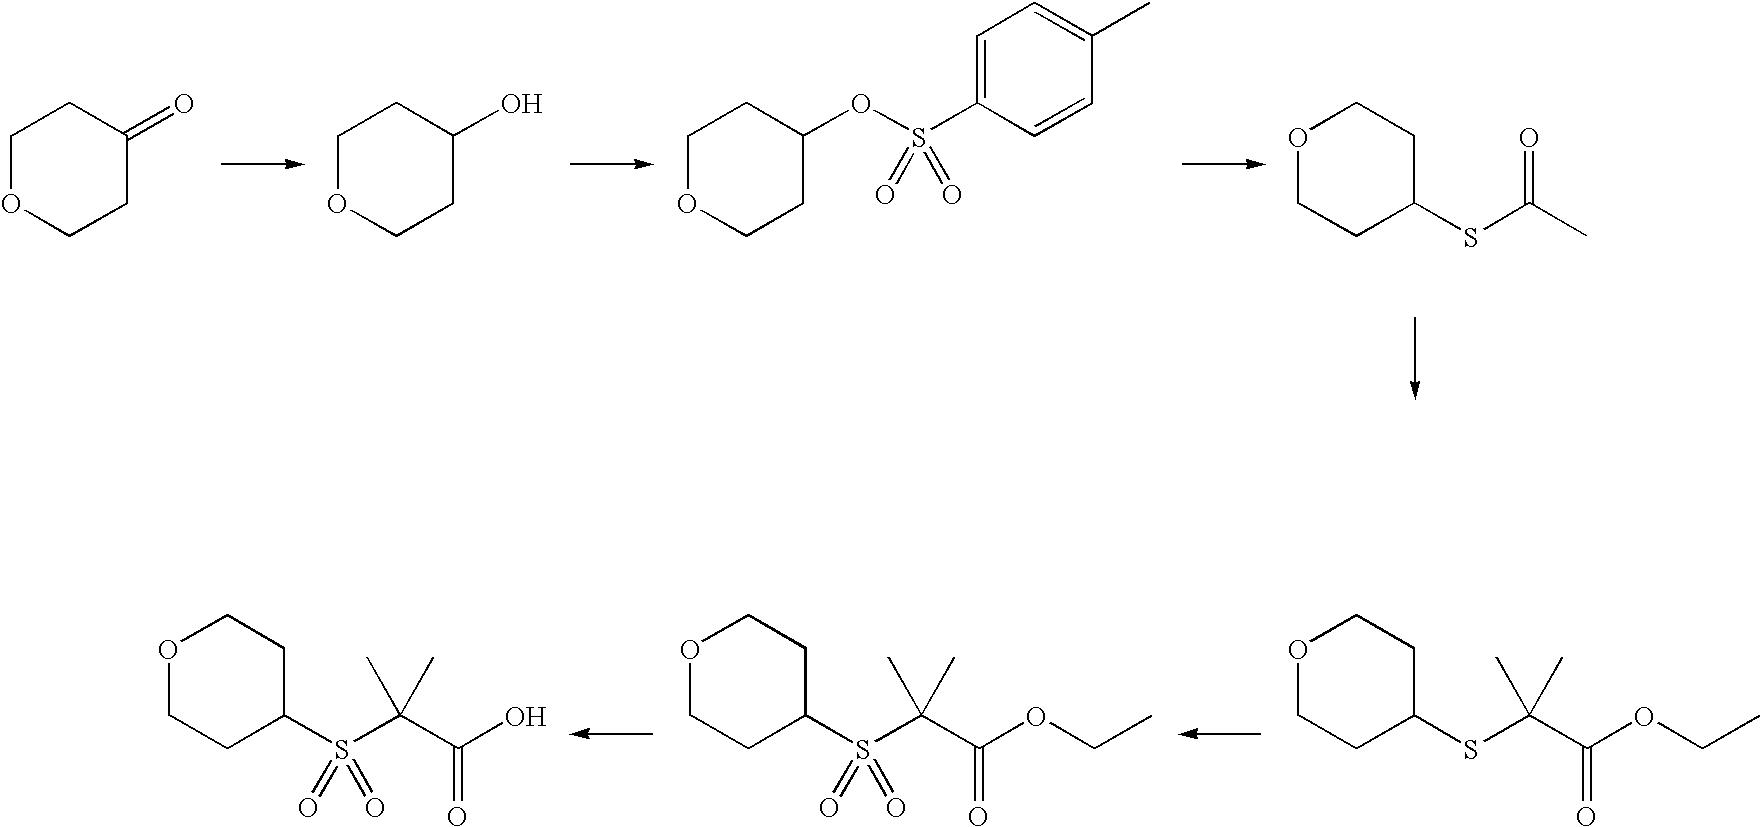 Figure US08372874-20130212-C00233